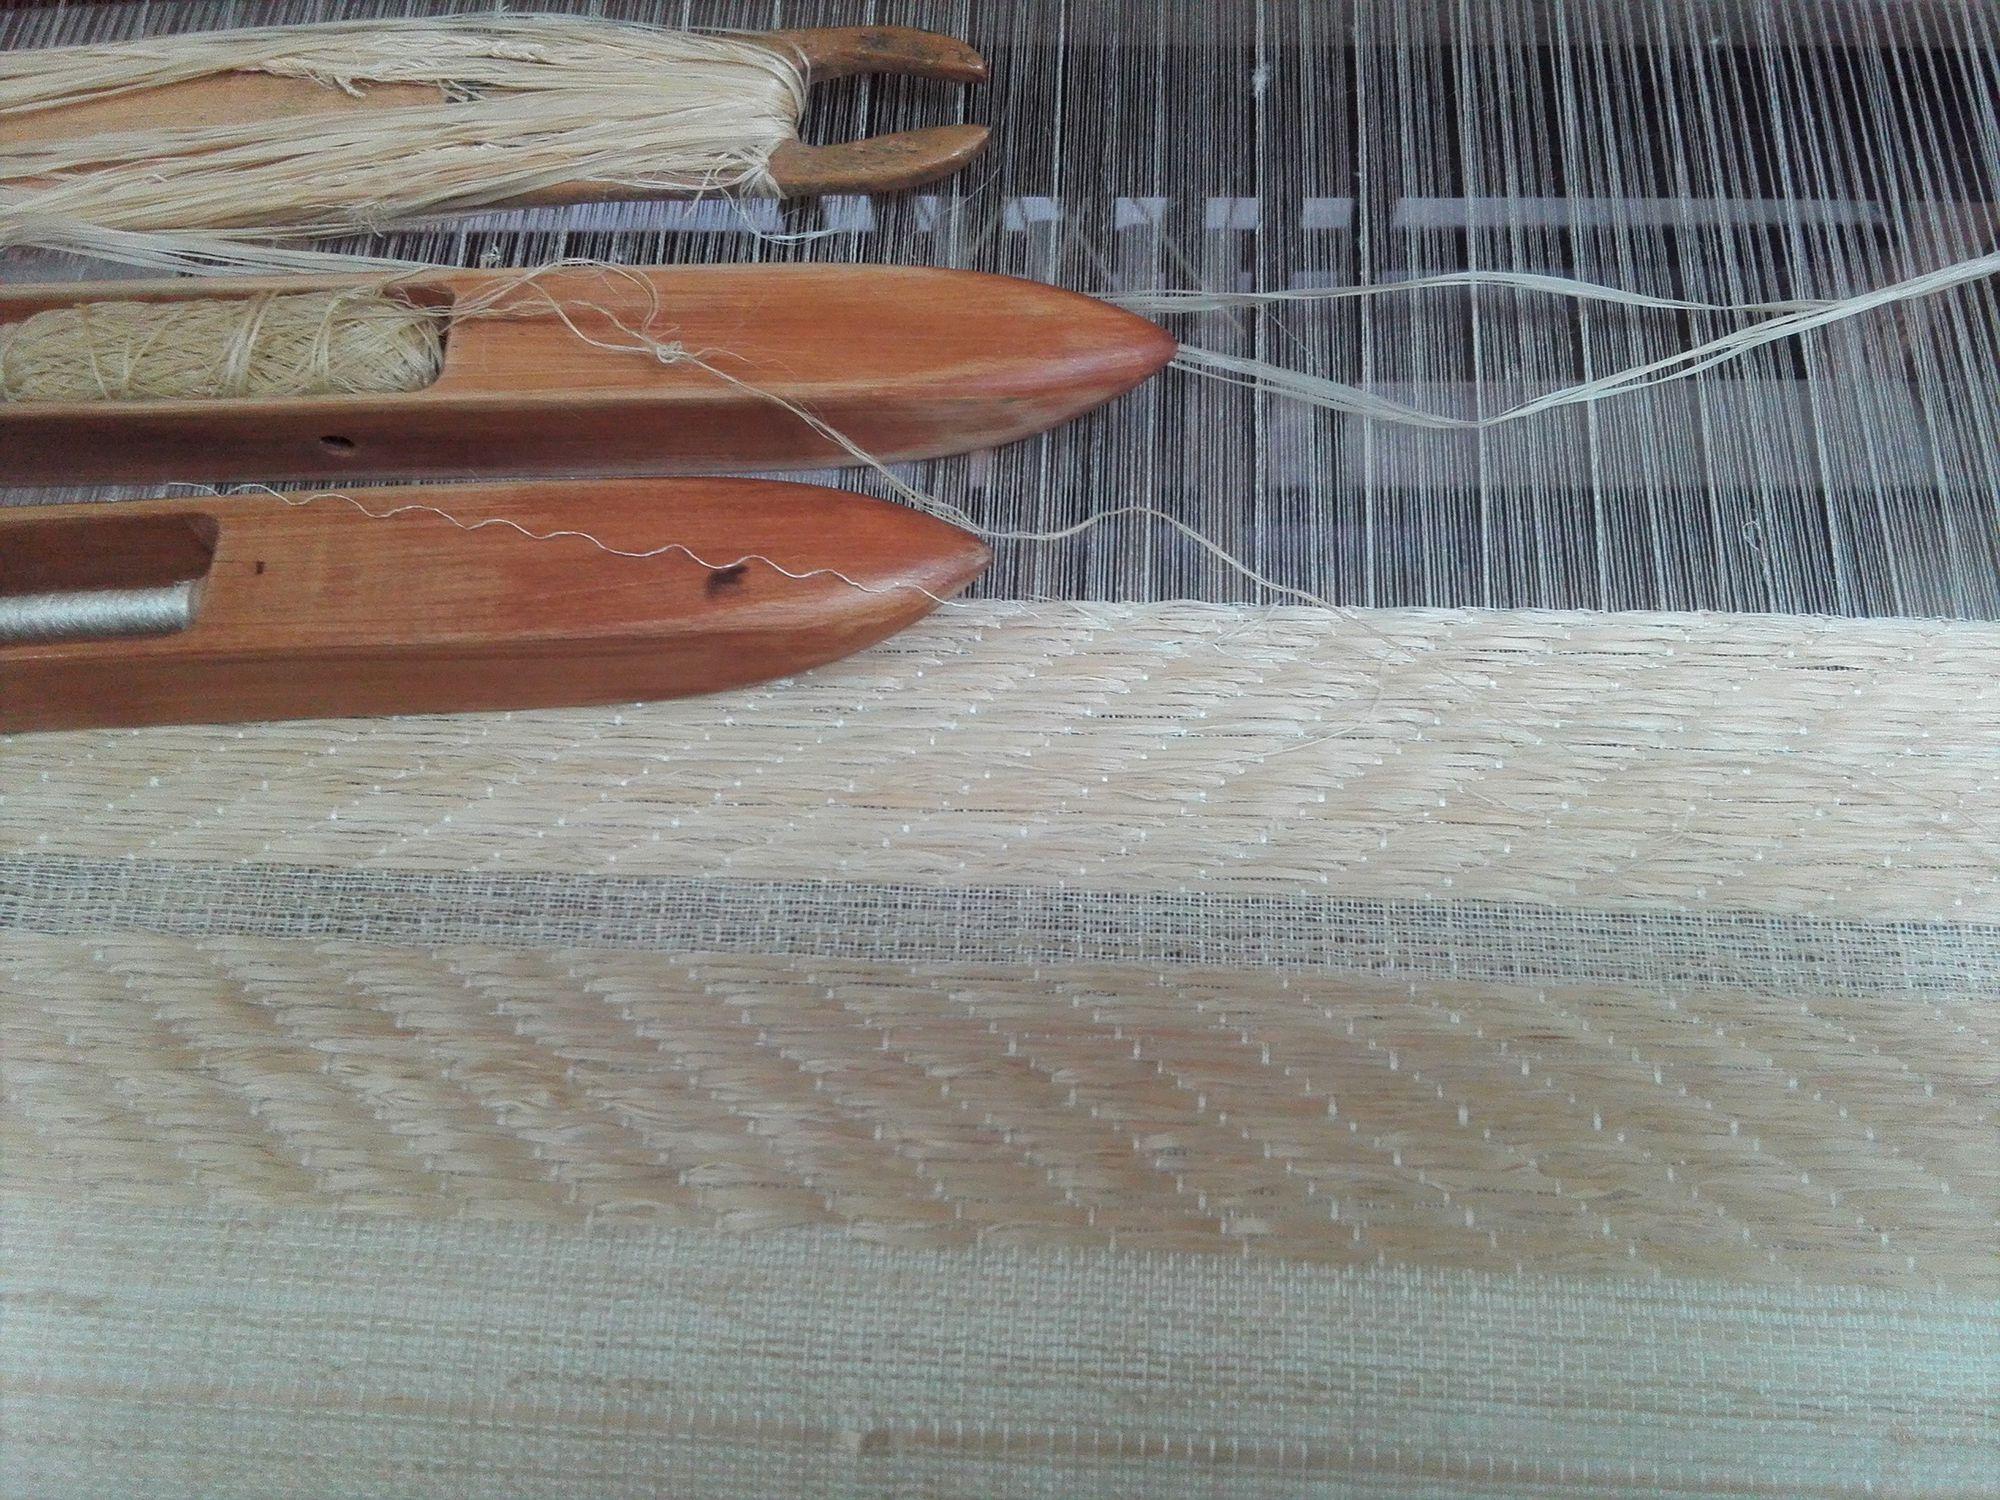 昭和村のからむしの光沢を生かすために、繊維を裂いて糸にせず、繊維のまま織り込んだ。写真提供:紅露工房